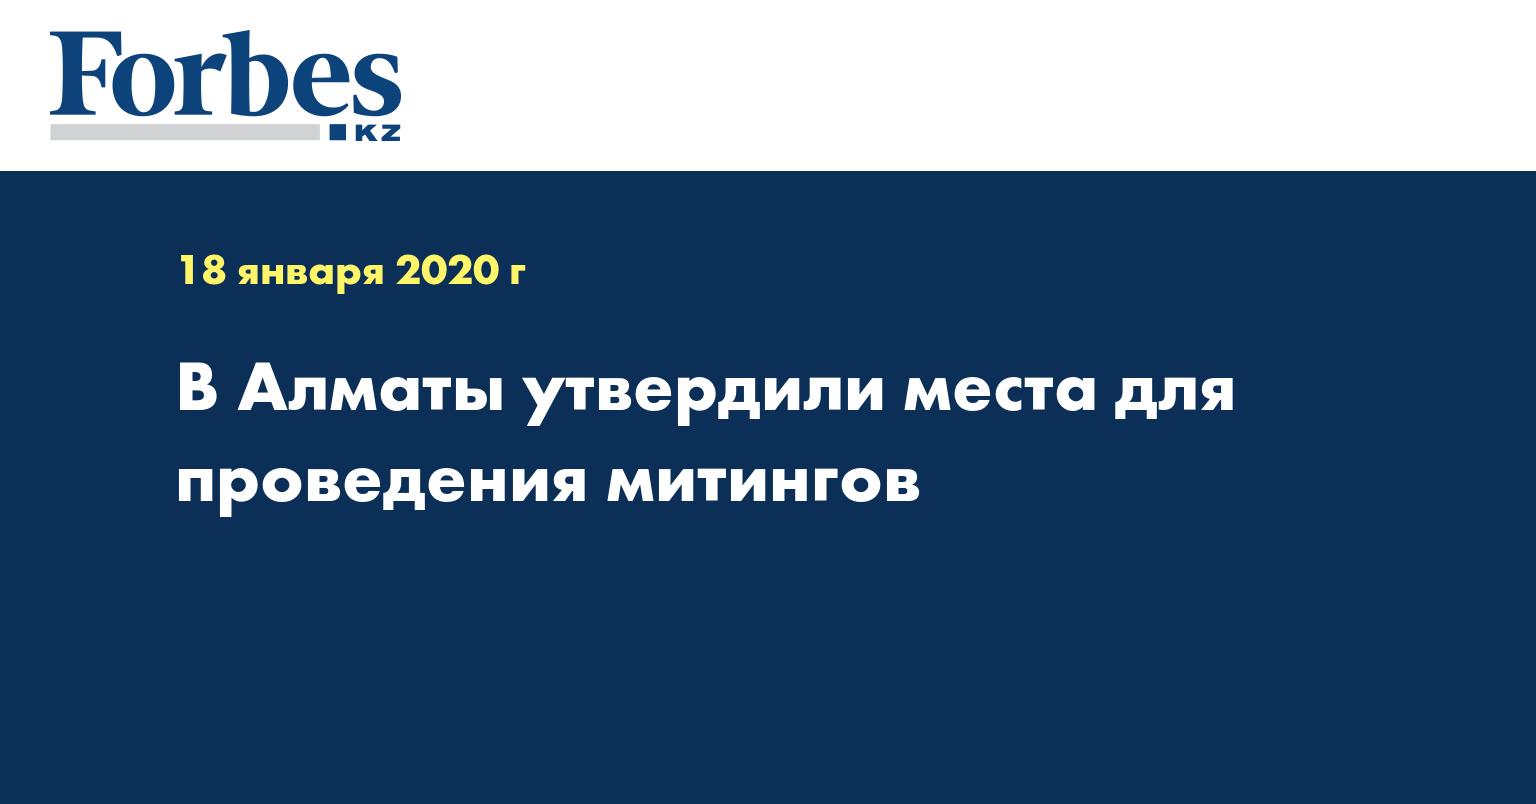 В Алматы утвердили места для проведения митингов